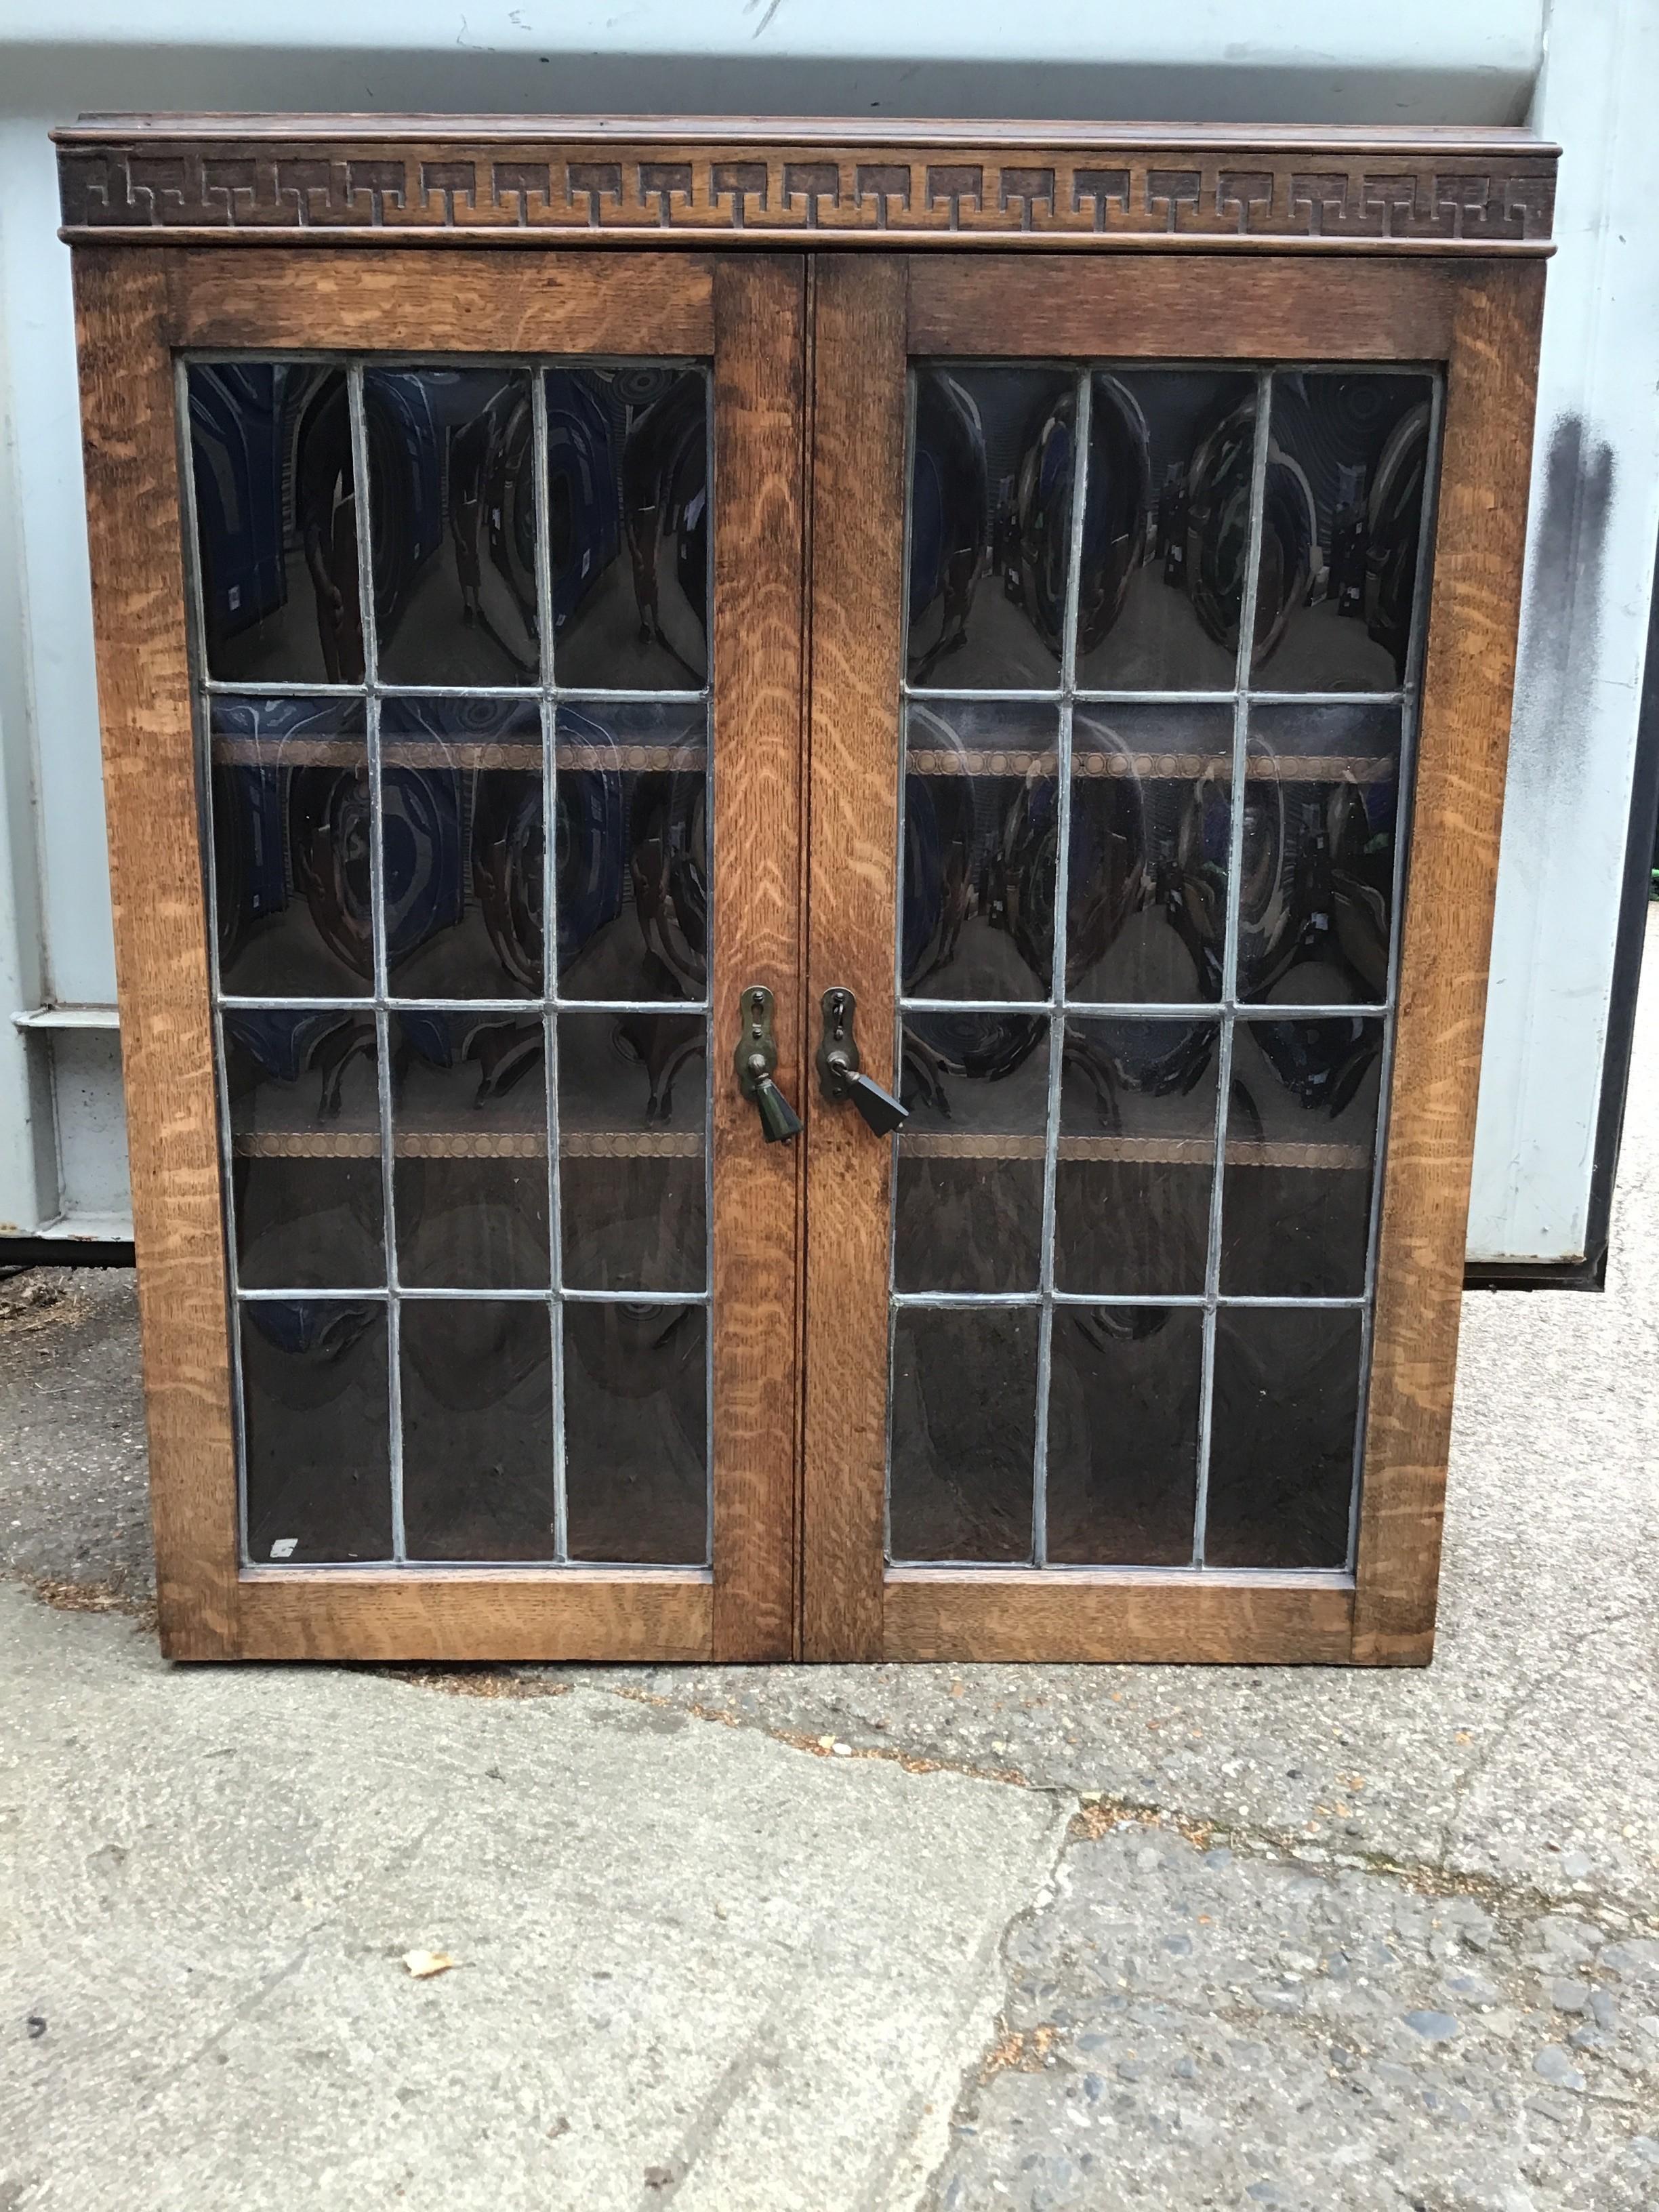 Glazed Bookcase - 73cm W x 24cm D x 84cm H